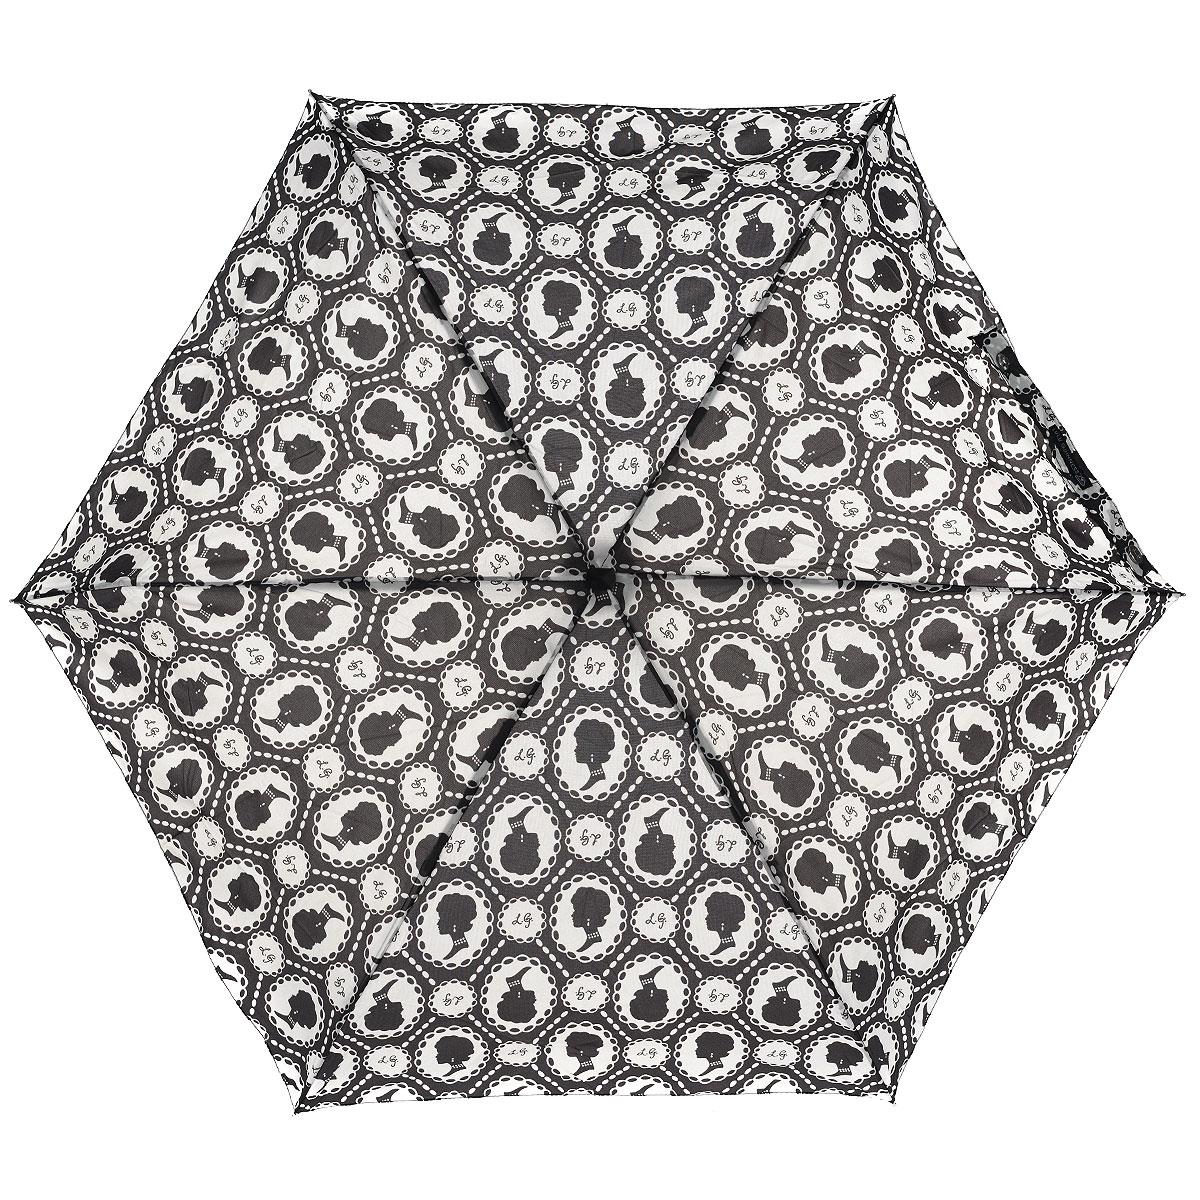 """Зонт женский Lulu Guinness Cameo, механический, 5 сложений, цвет: черный, белыйREM12-CAM-GREENBLACKСтильный зонт """"Cameo"""" защитит от непогоды, а его сверхкомпактный размер позволит вам всегда носить его с собой. """"Ветростойкий"""" плоский каркас зонта выполнен из алюминия и состоит из шести спиц с элементами из фибергласса, зонт оснащен удобной рукояткой из пластика. Купол зонта выполнен из прочного полиэстера и оформлен принтом в виде камей. На рукоятке для удобства есть небольшой шнурок, позволяющий надеть зонт на руку тогда, когда это будет необходимо. К зонту прилагается чехол.Зонт механического сложения: купол открывается и закрывается вручную, стержень также складывается вручную до характерного щелчка. Характеристики: Материал: алюминий, фибергласс, пластик, полиэстер. Цвет: черный, белый. Диаметр купола: 87 см. Длина зонта в сложенном виде: 15 см. Длина ручки (стержня) в раскрытом виде:50 см.Вес: 158 г.Артикул: L717 2F2405."""